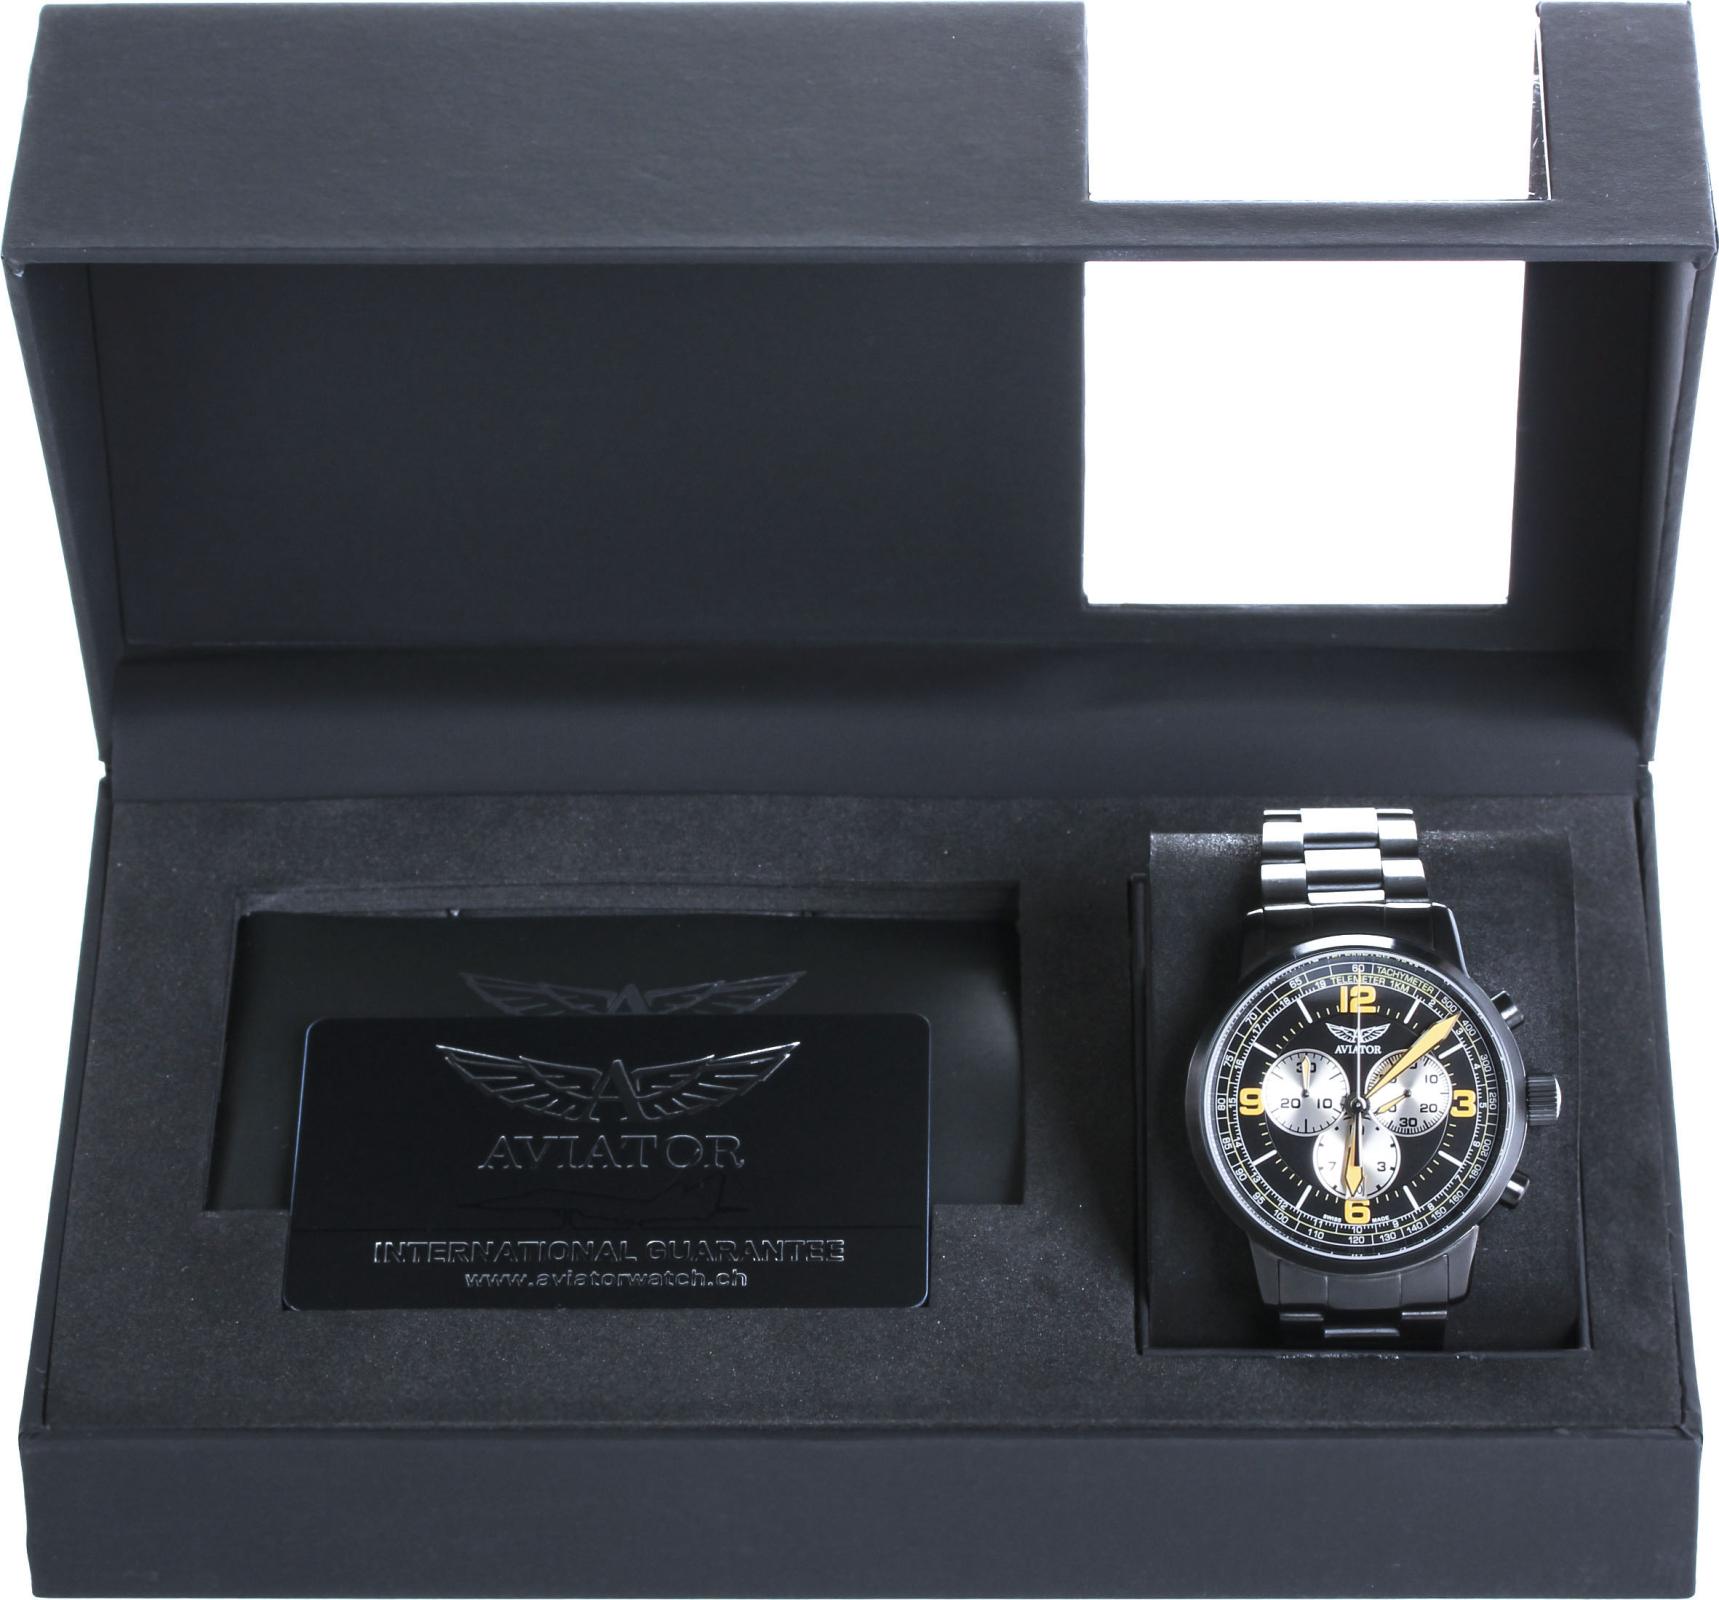 Aviator Kingcobra Chrono V.2.16.5.098.5Наручные часы<br>Швейцарские часы Aviator Kingcobra Chrono V.2.16.5.098.5<br><br>Пол: Мужские<br>Страна-производитель: Швейцария<br>Механизм: Кварцевый<br>Материал корпуса: Сталь<br>Материал ремня/браслета: Сталь<br>Водозащита, диапазон: 100 - 150 м<br>Стекло: Сапфировое<br>Толщина корпуса: 12 мм<br>Стиль: Классика